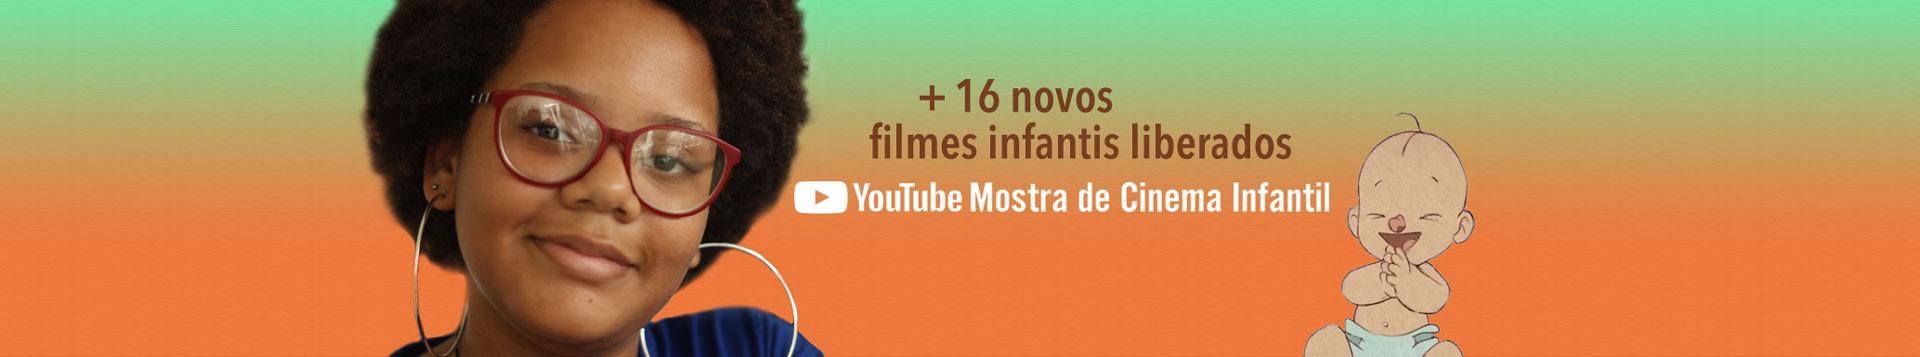 + 16 filmes em nosso canal no youtube.